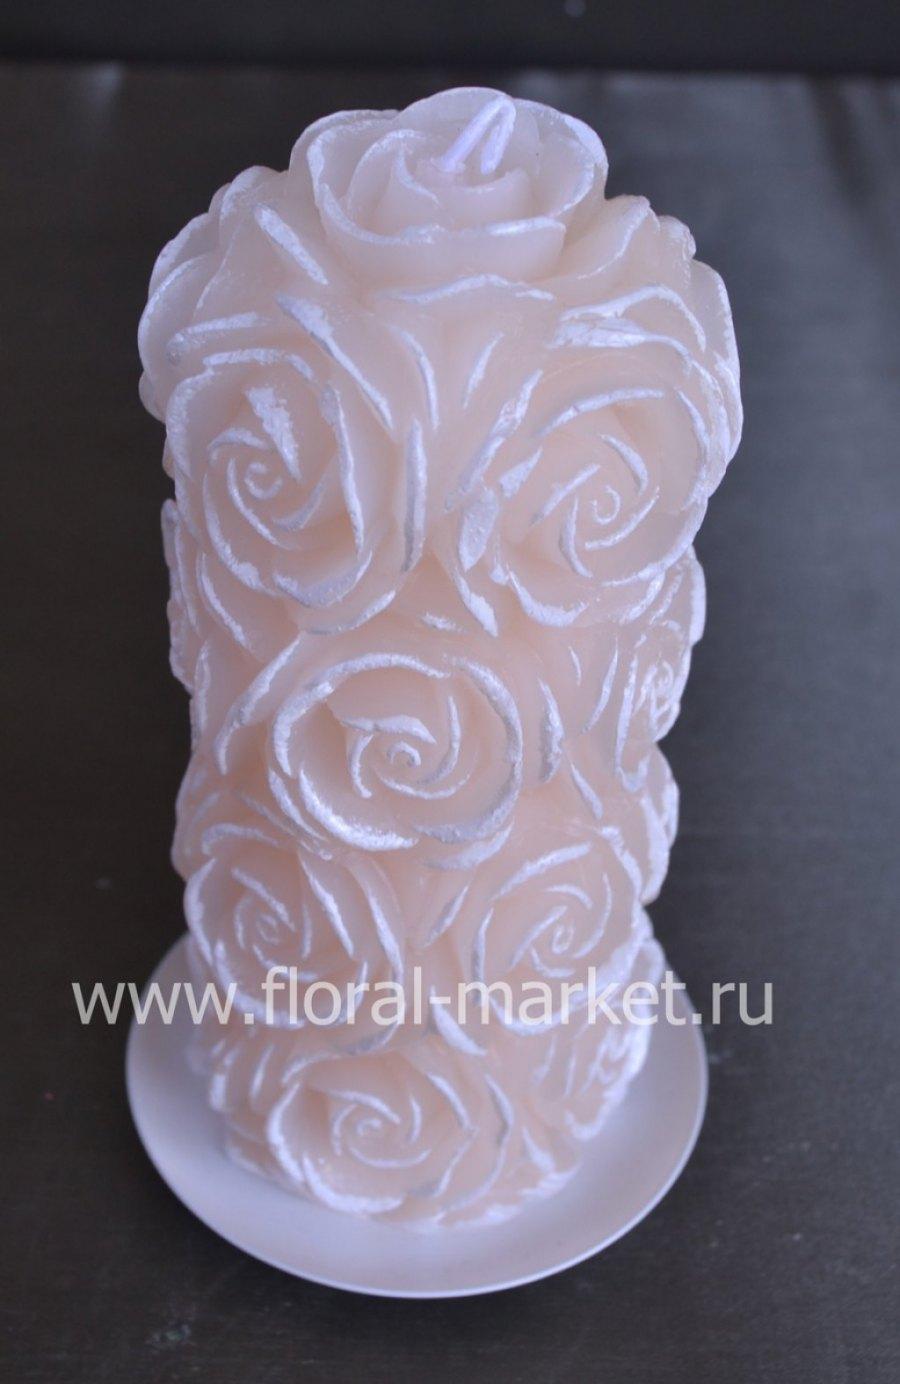 С7506 Свеча пенек в розах кремовый